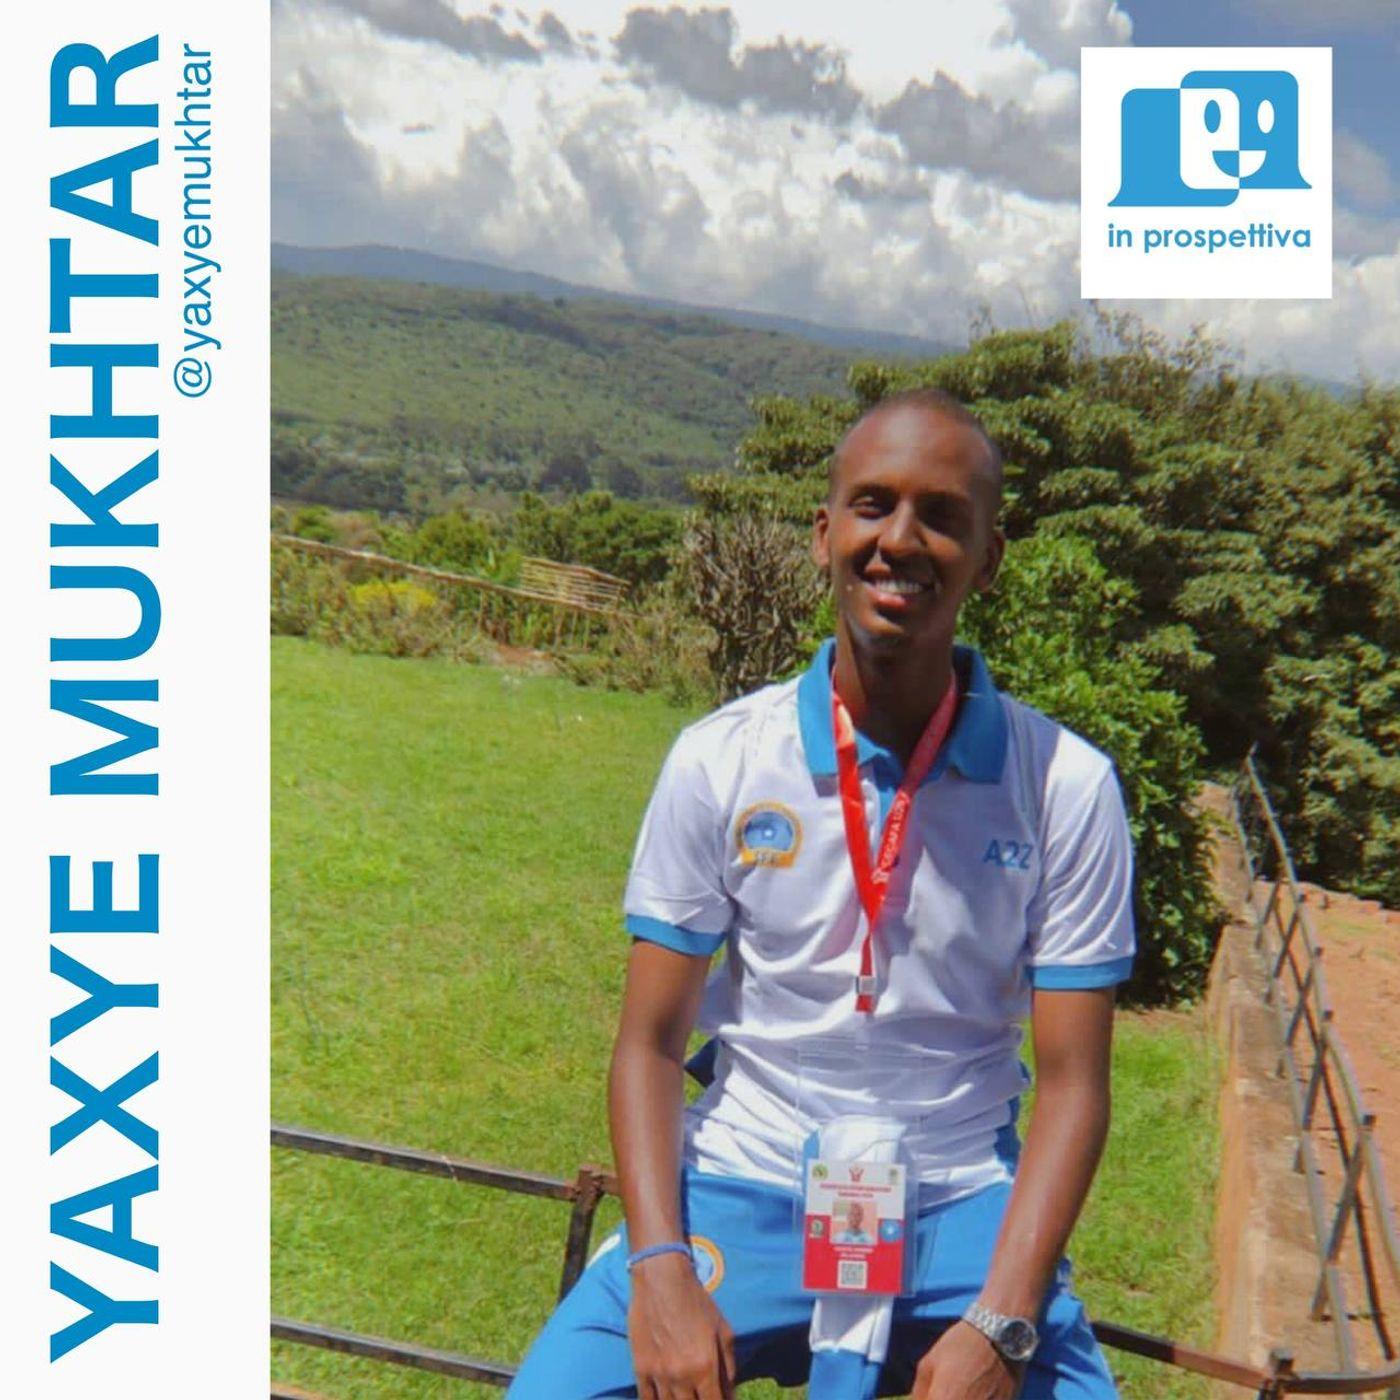 La nazionale della speranza - con Yaxye Mukhtar